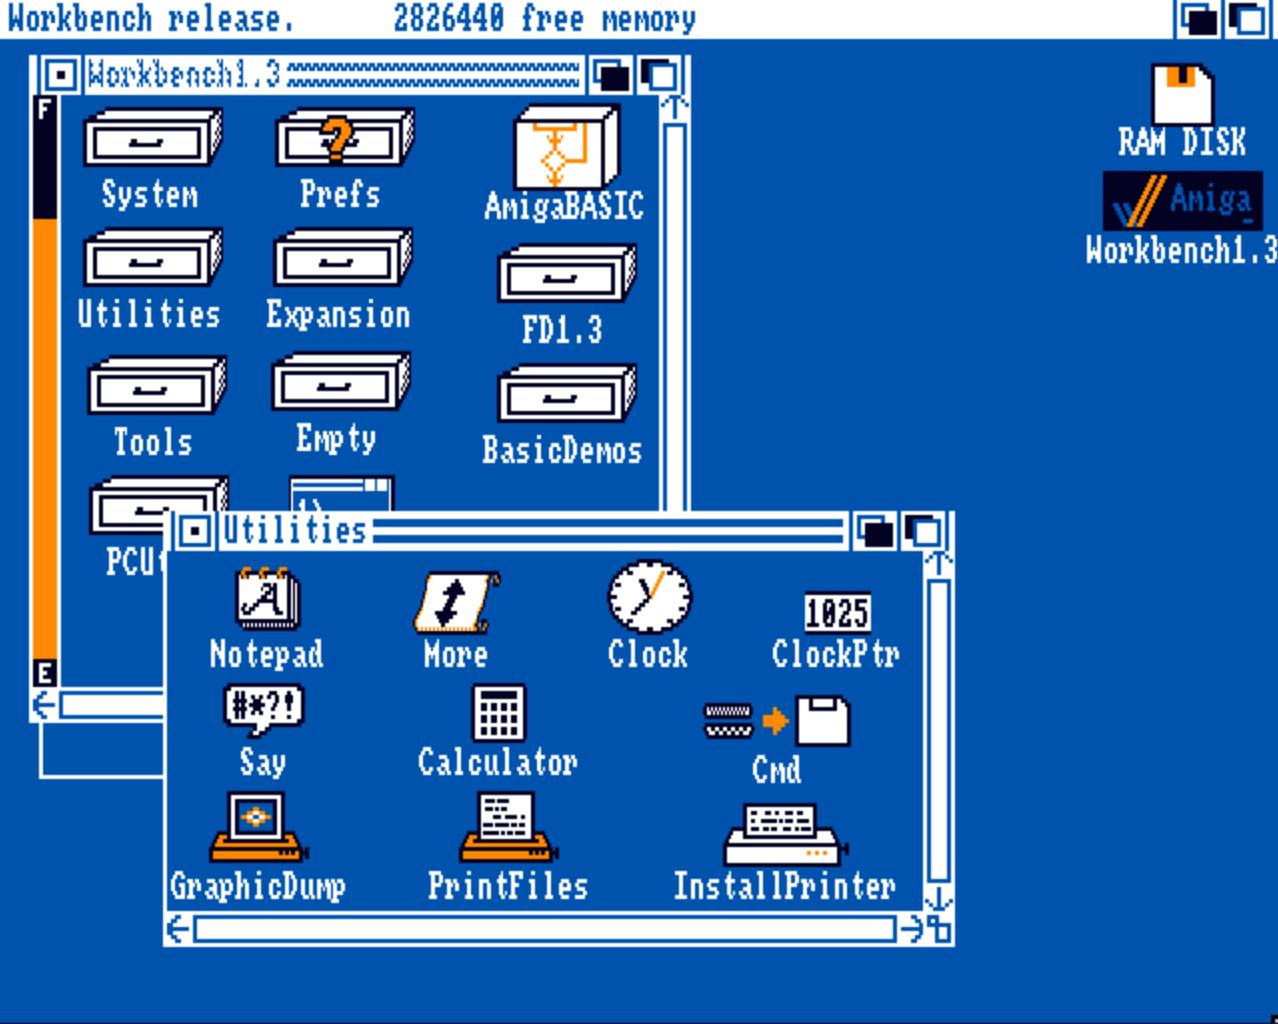 amiga os emulator for mac os x